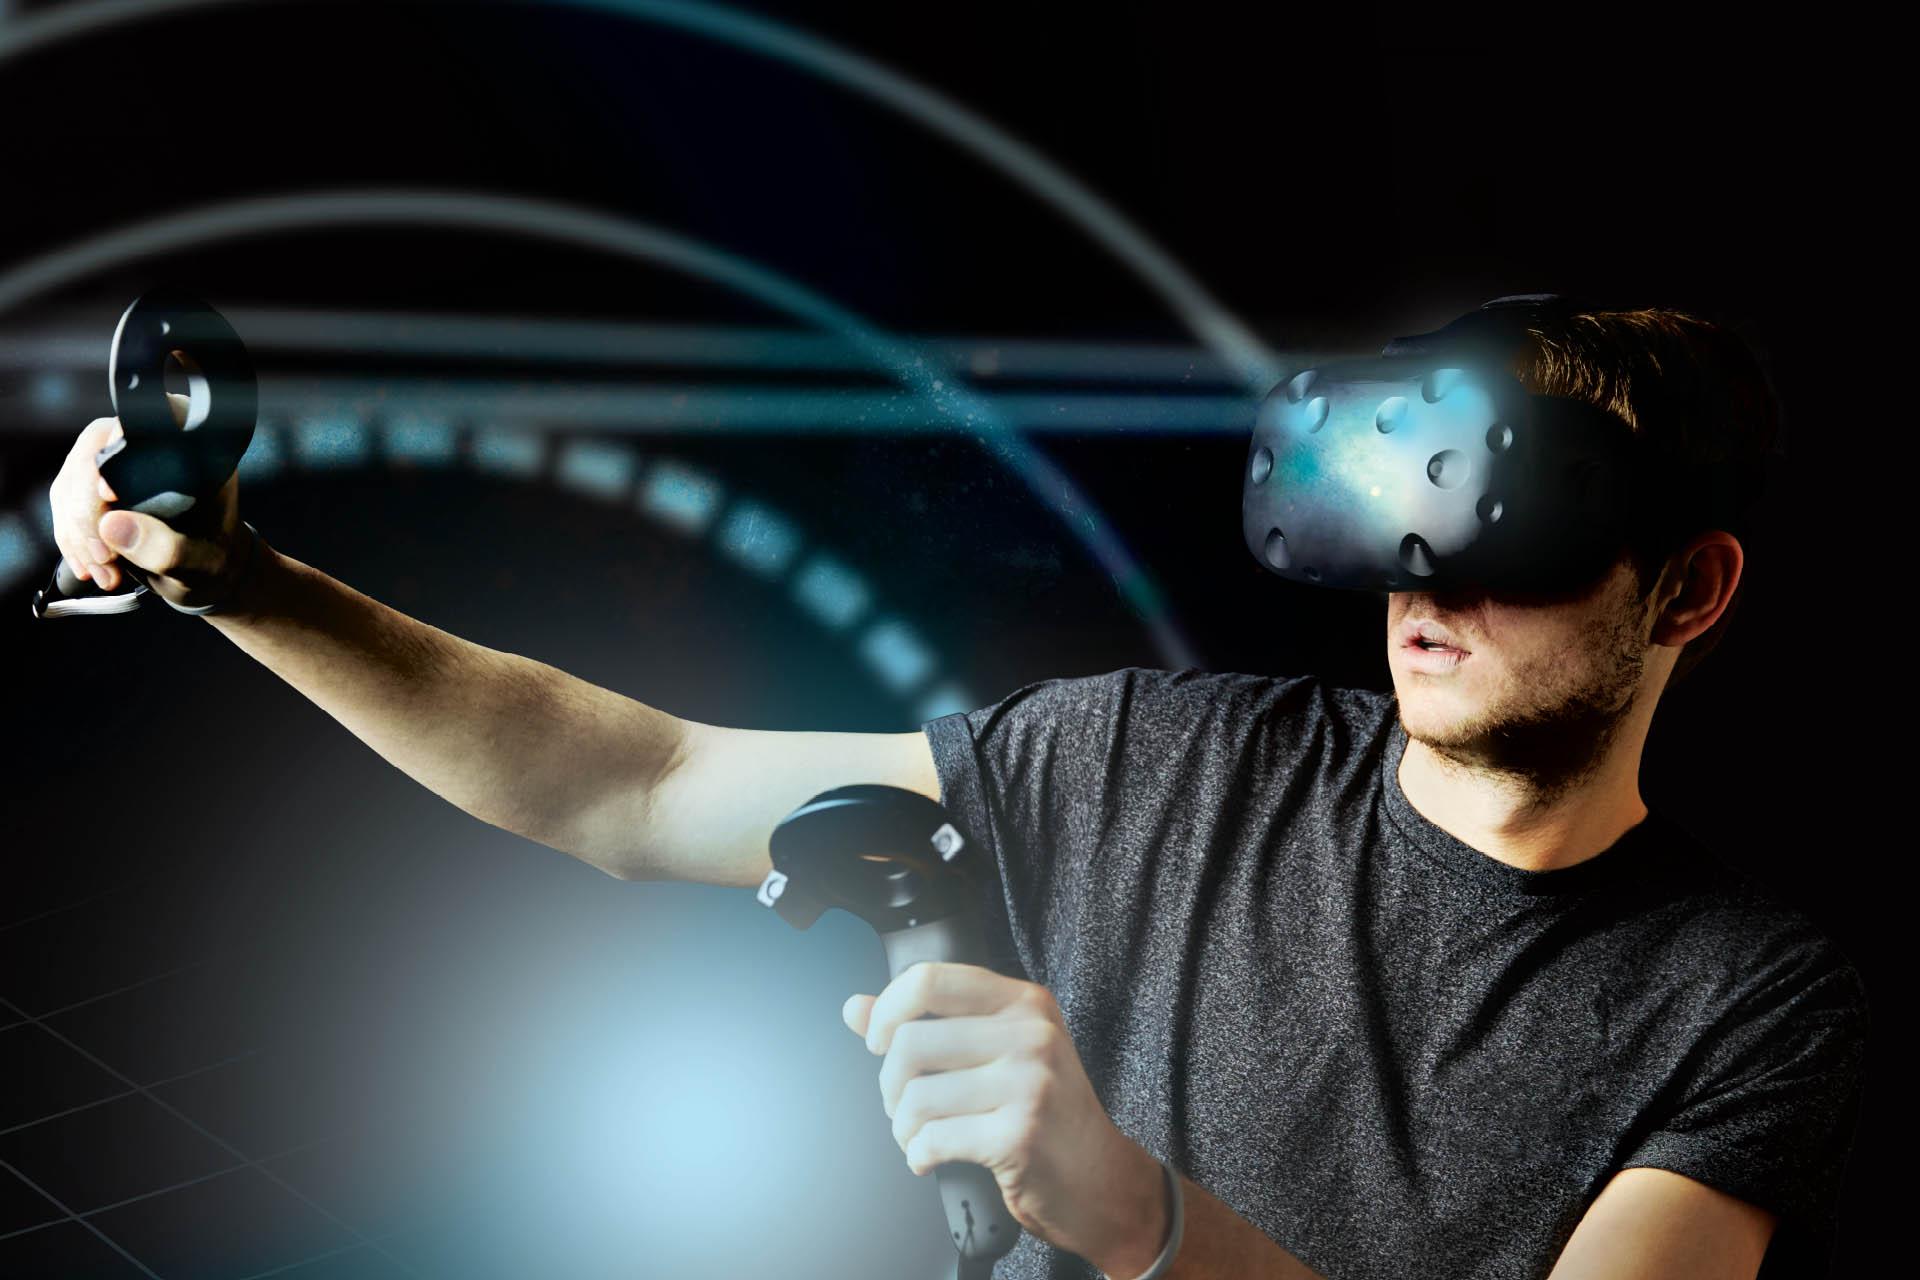 Cybermagia VR